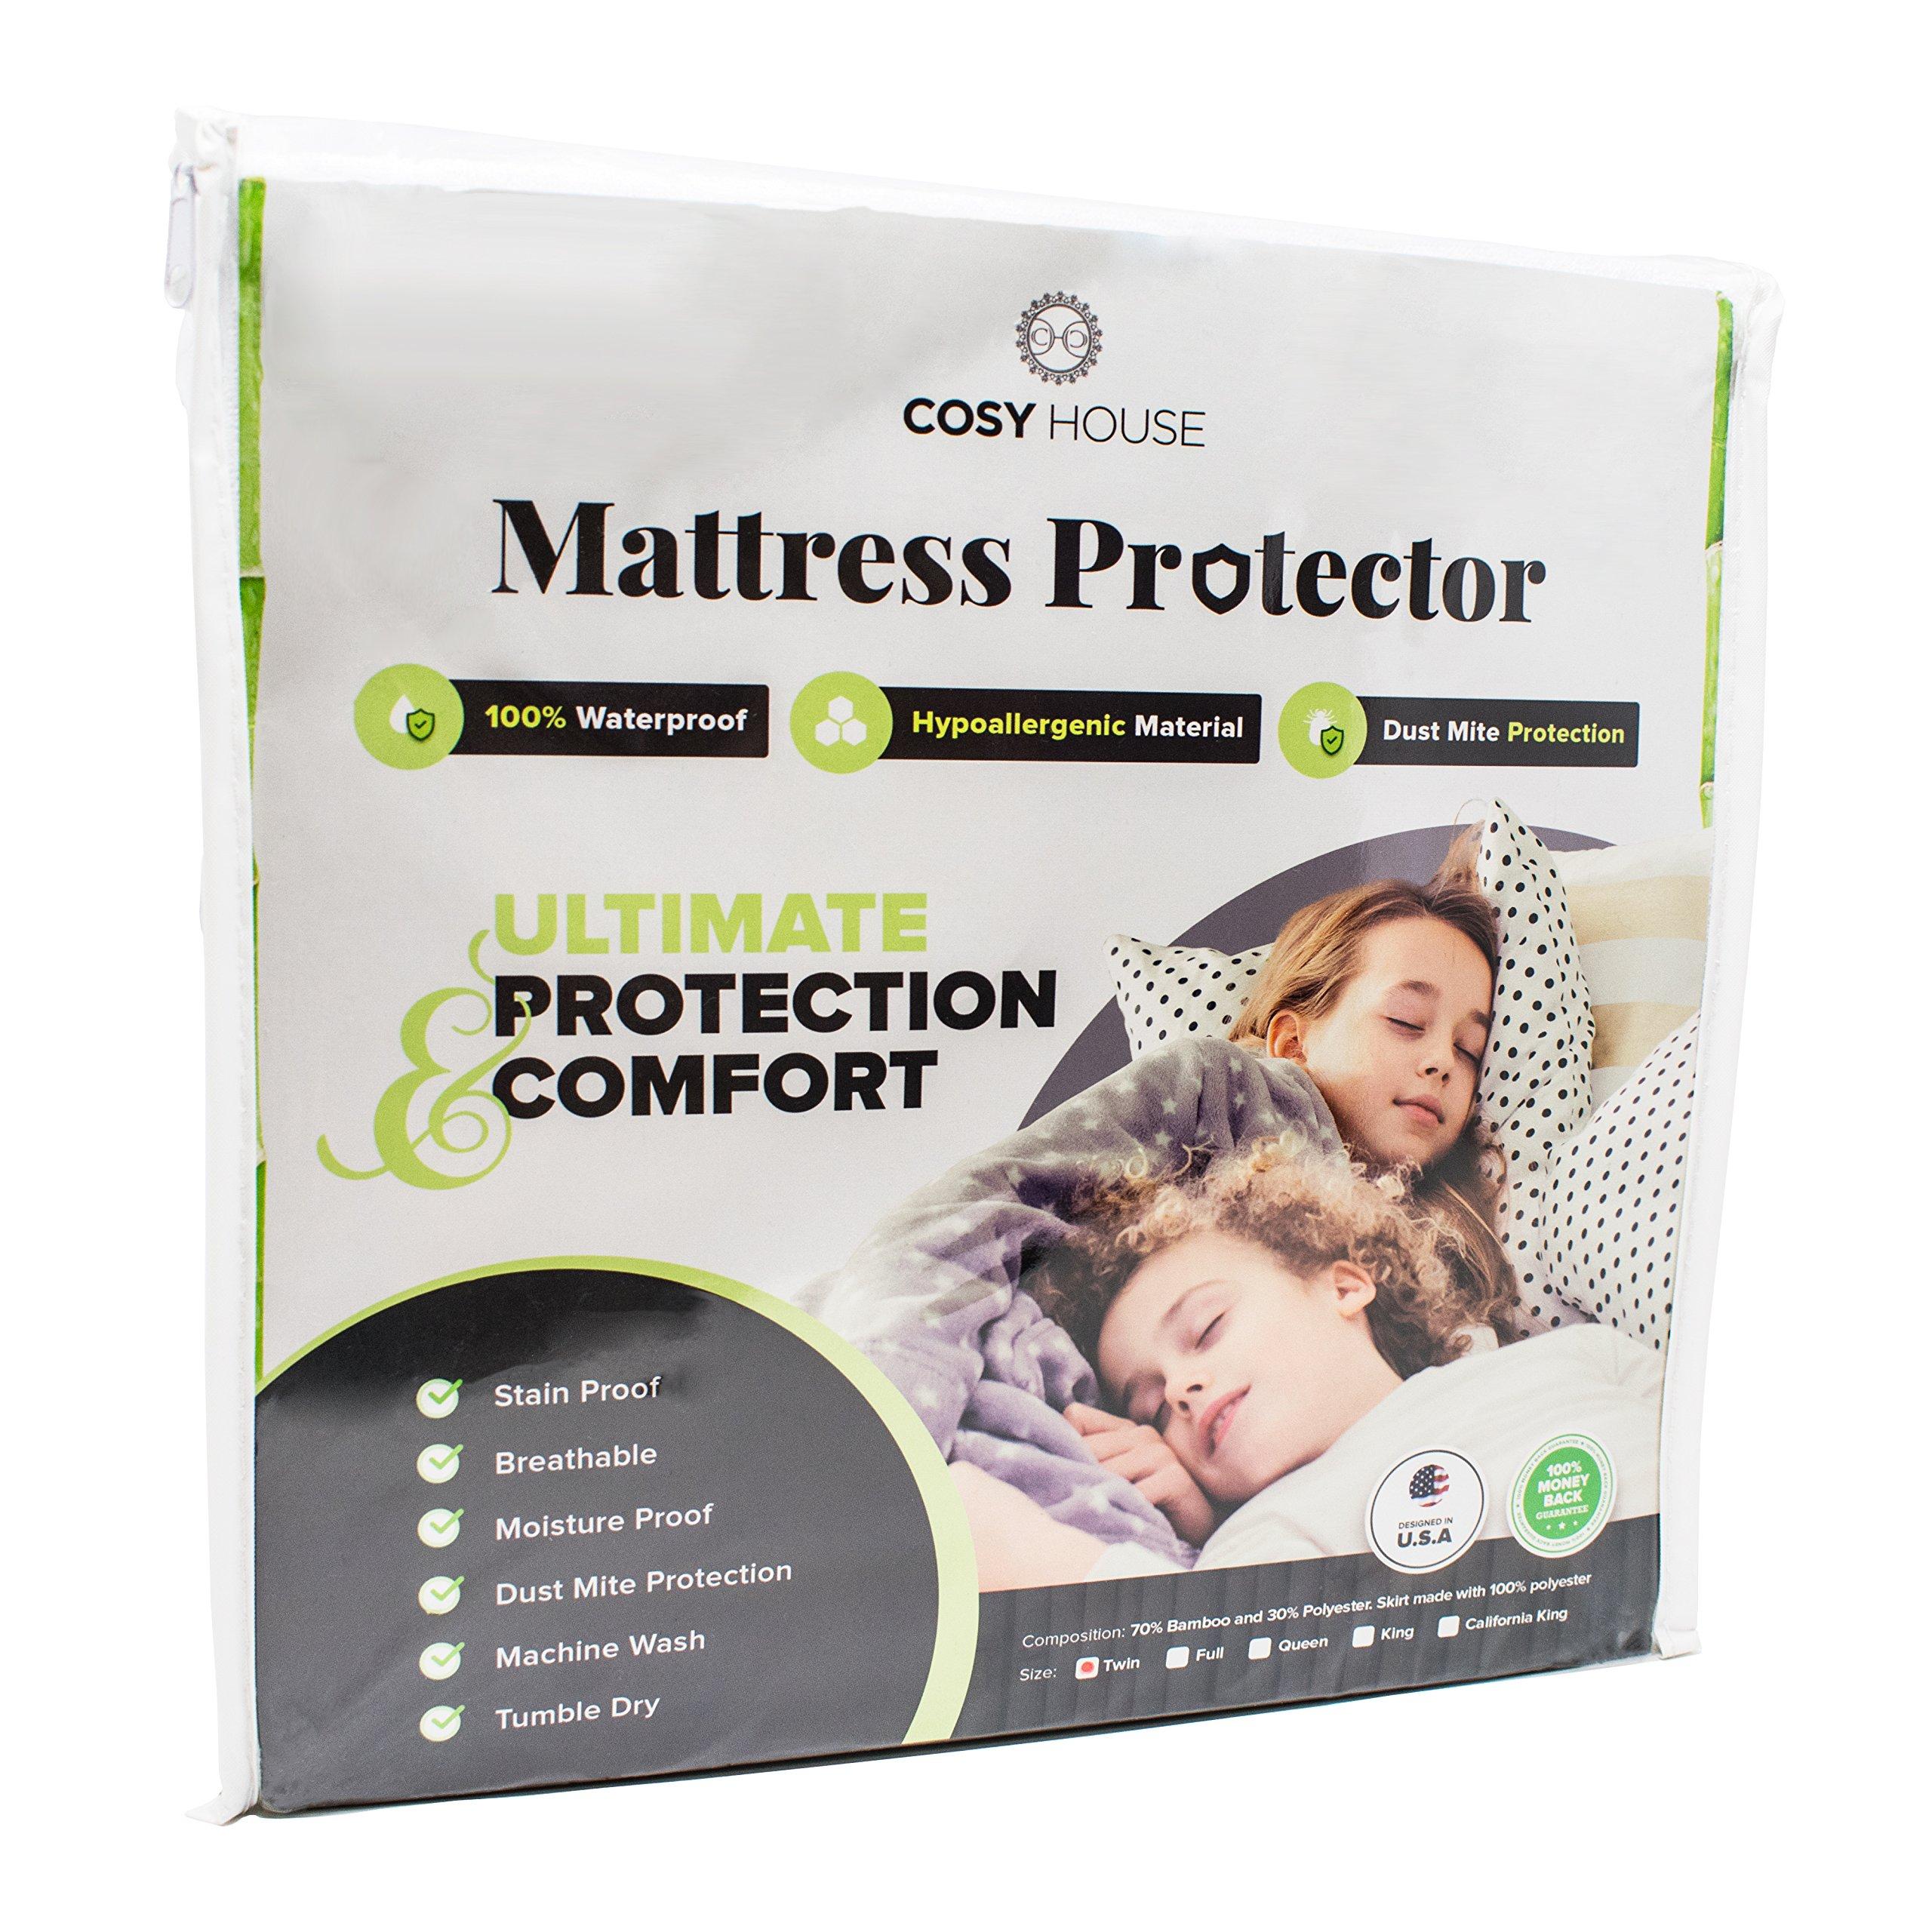 Luxury Hypoallergenic Waterproof Mattress Protector